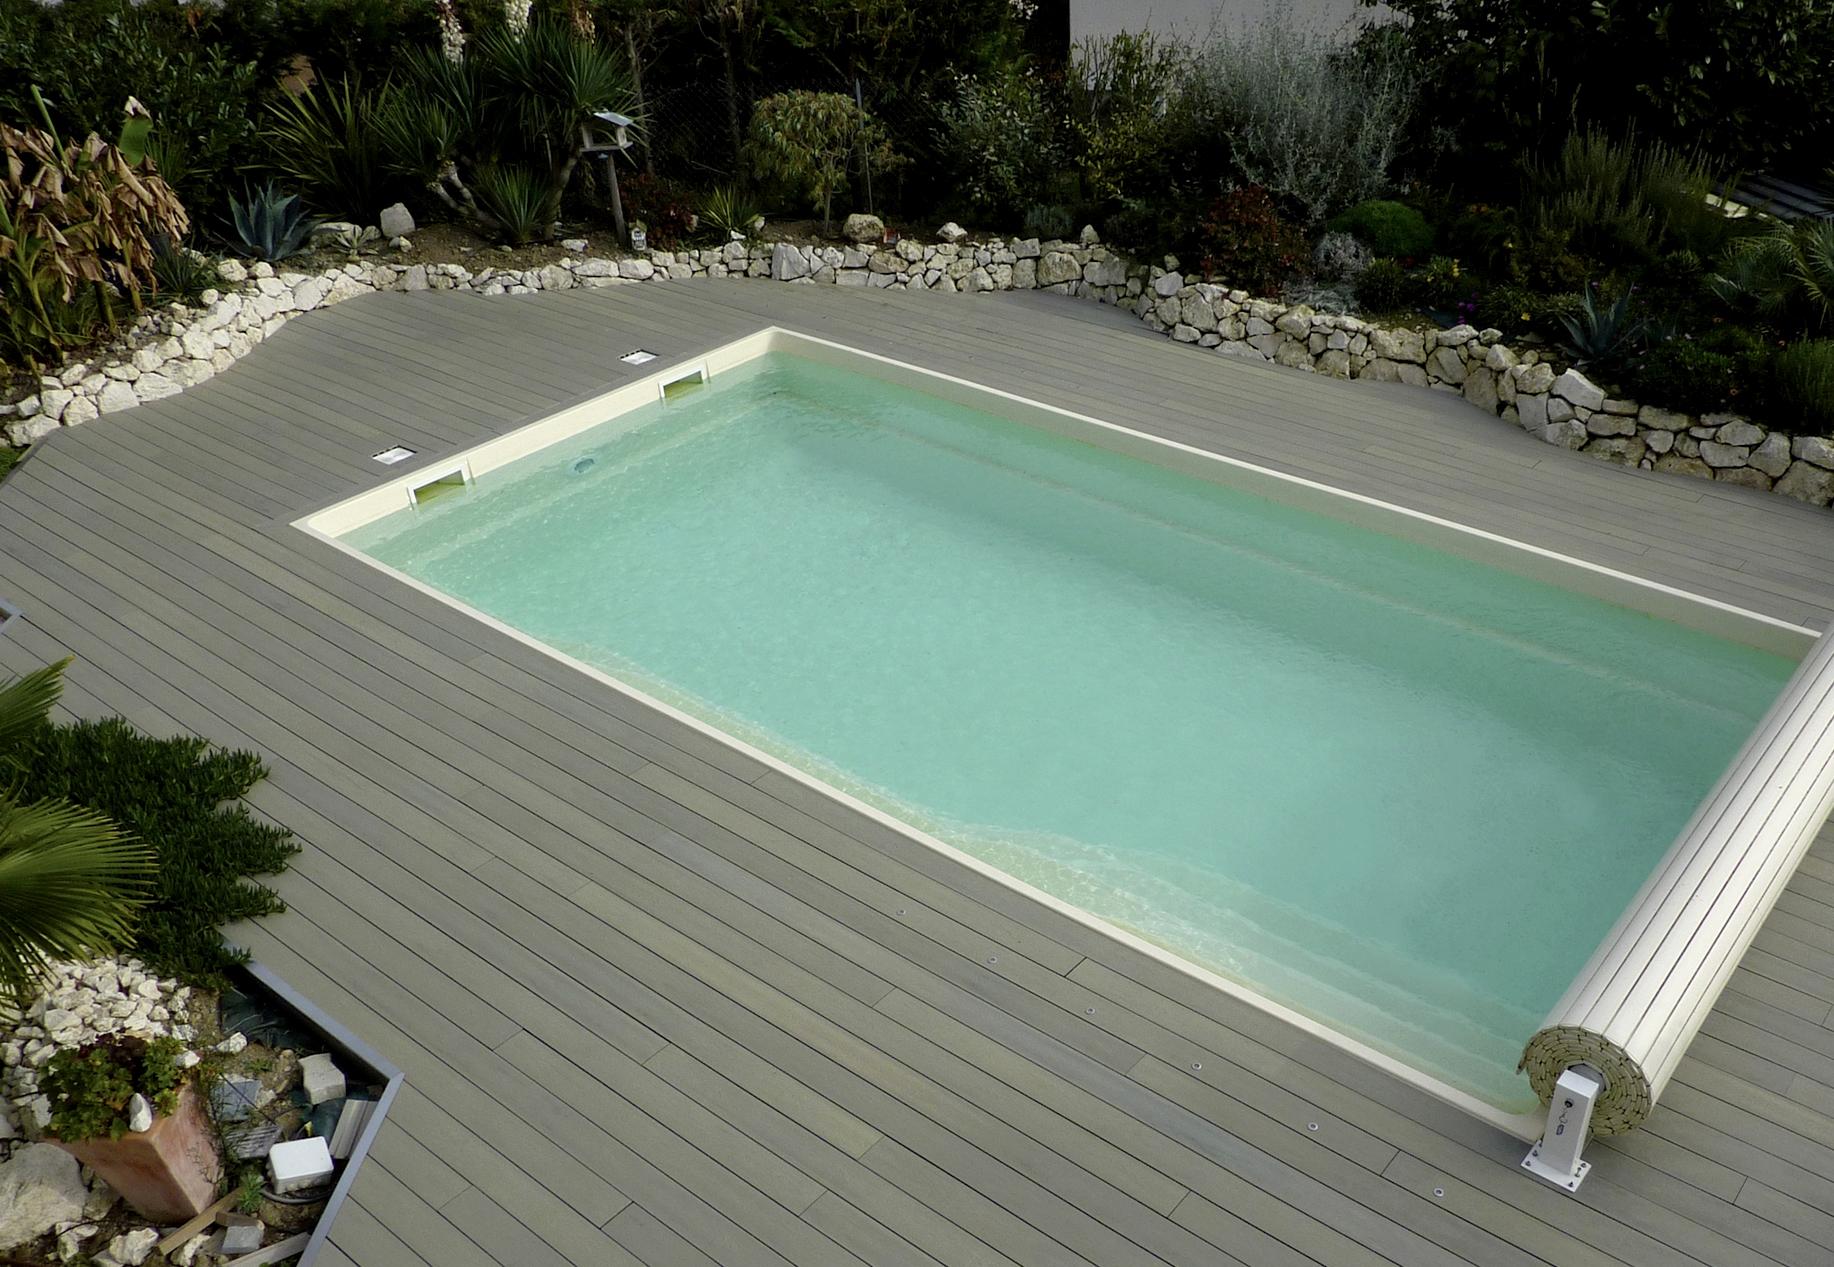 Poolumrandung gestalten poolumrandung ideen innen for Pool rund 3m